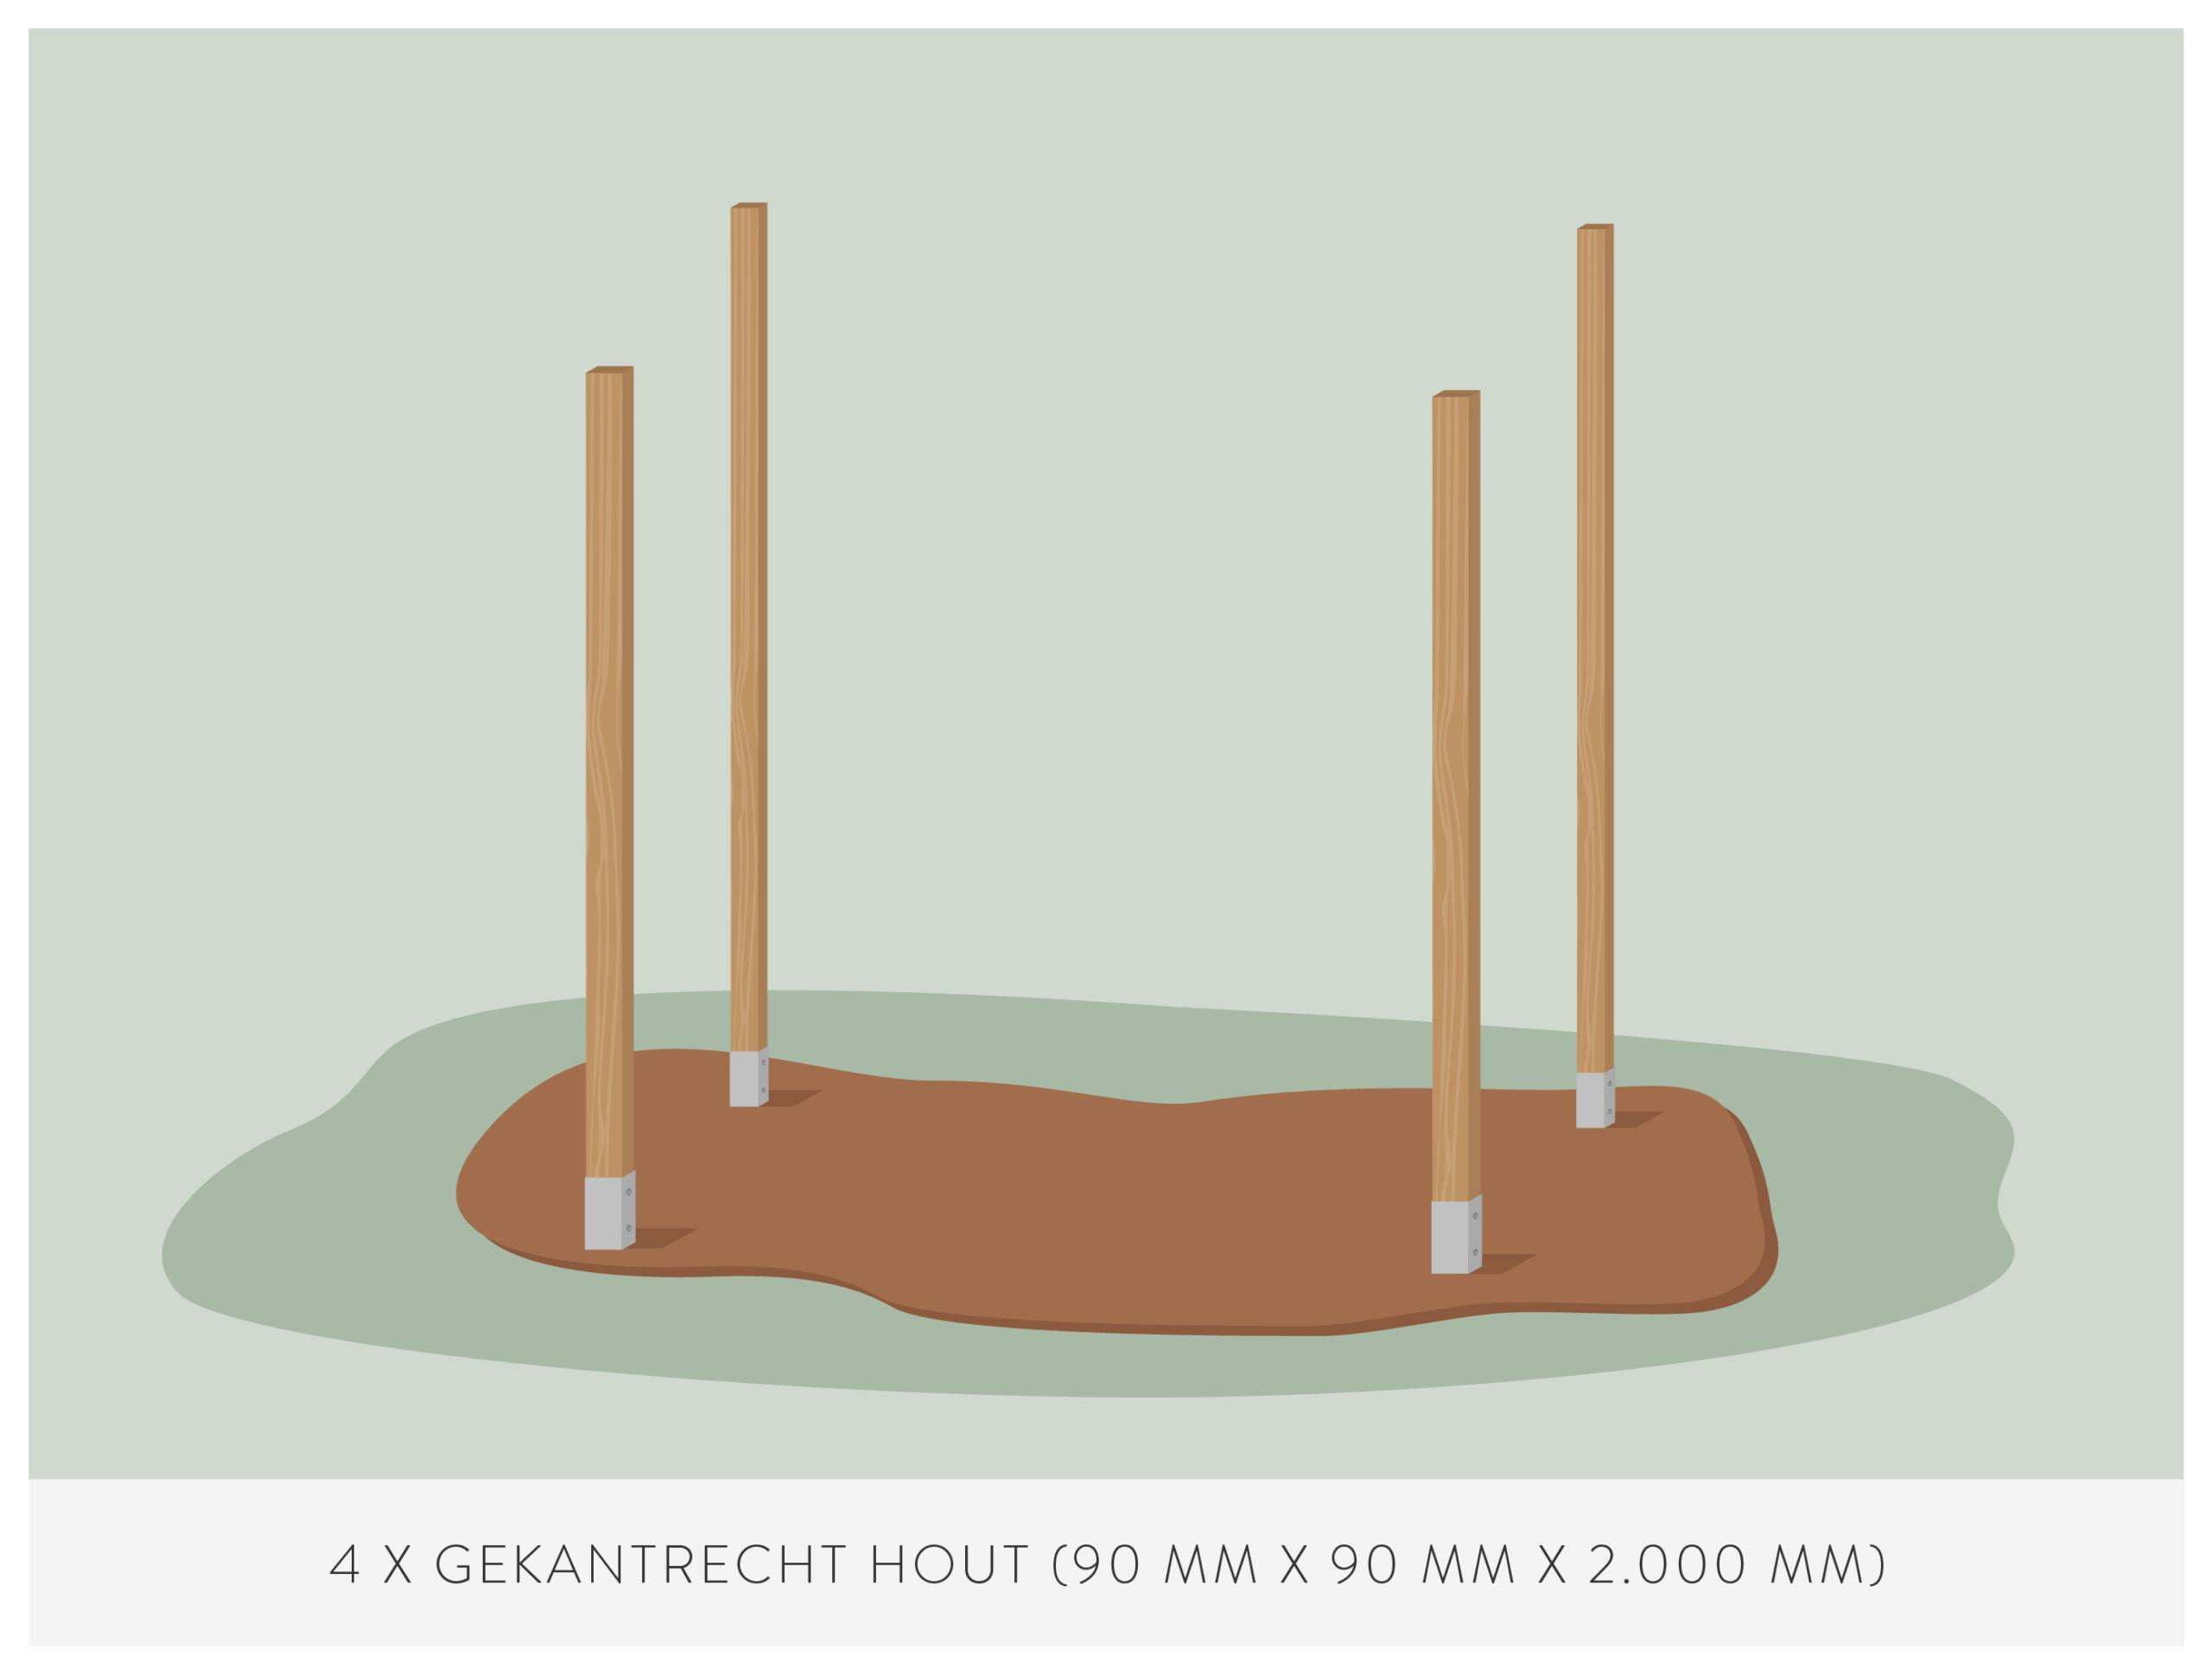 stap 2: zet de basispijlers in elkaar voor het bouwen van een kas